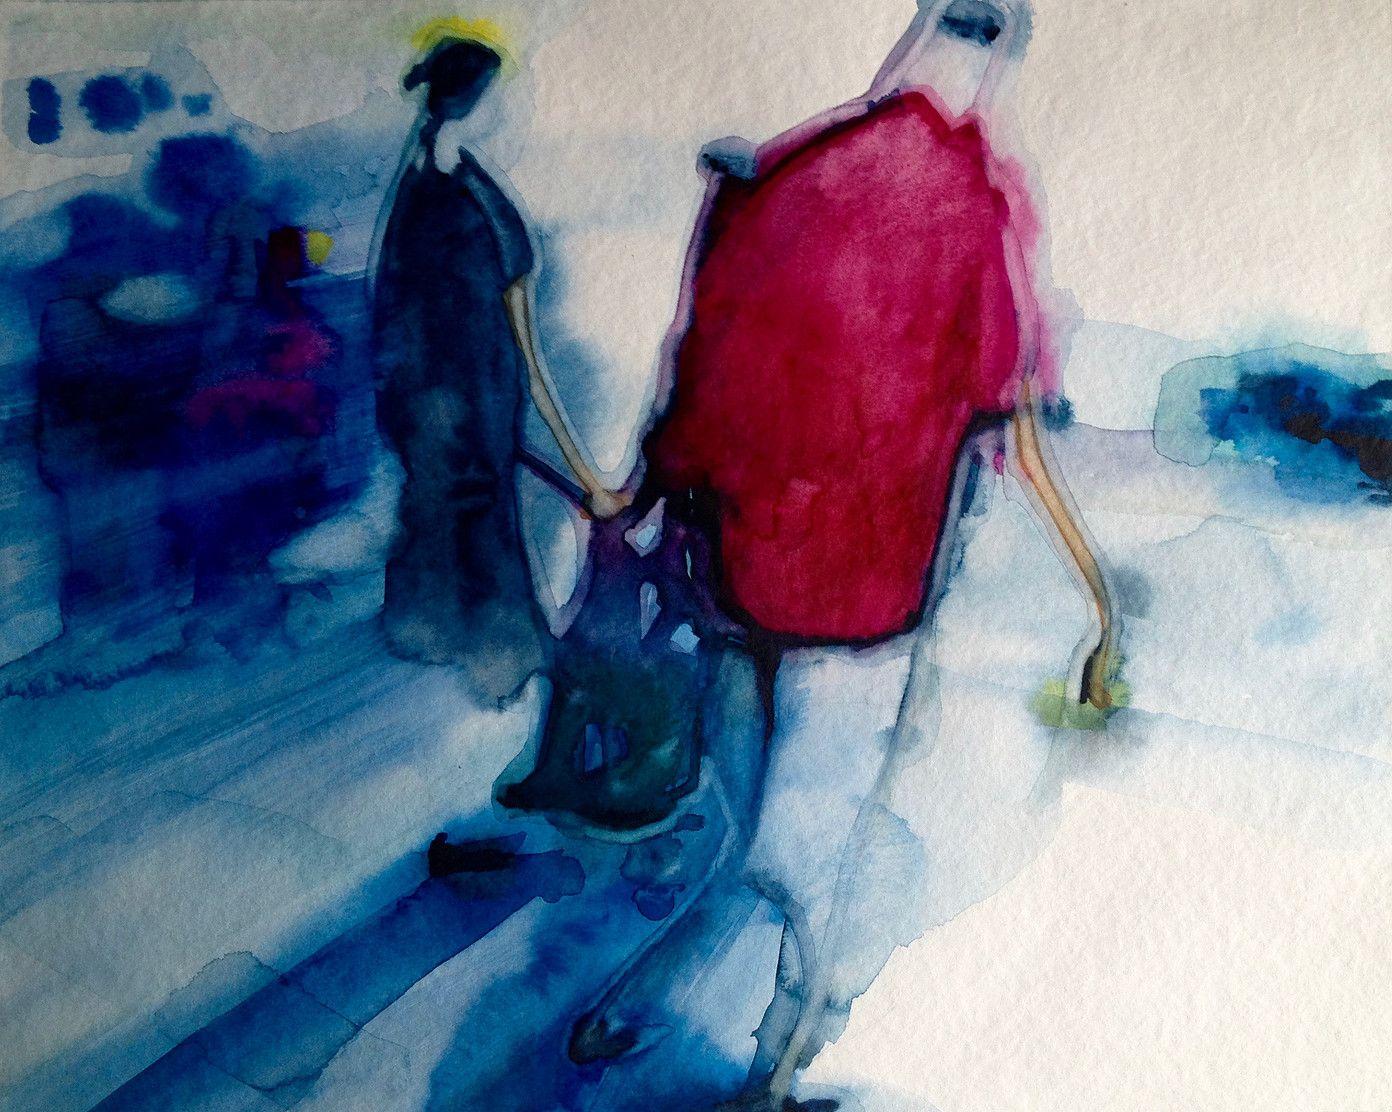 Pierre Renollet | Serie sur le thème du flou, perception différente de  scènes du quotidien. Vision abstraite. Waterco… | Watercolor Painting,  Aquarelle | Water…